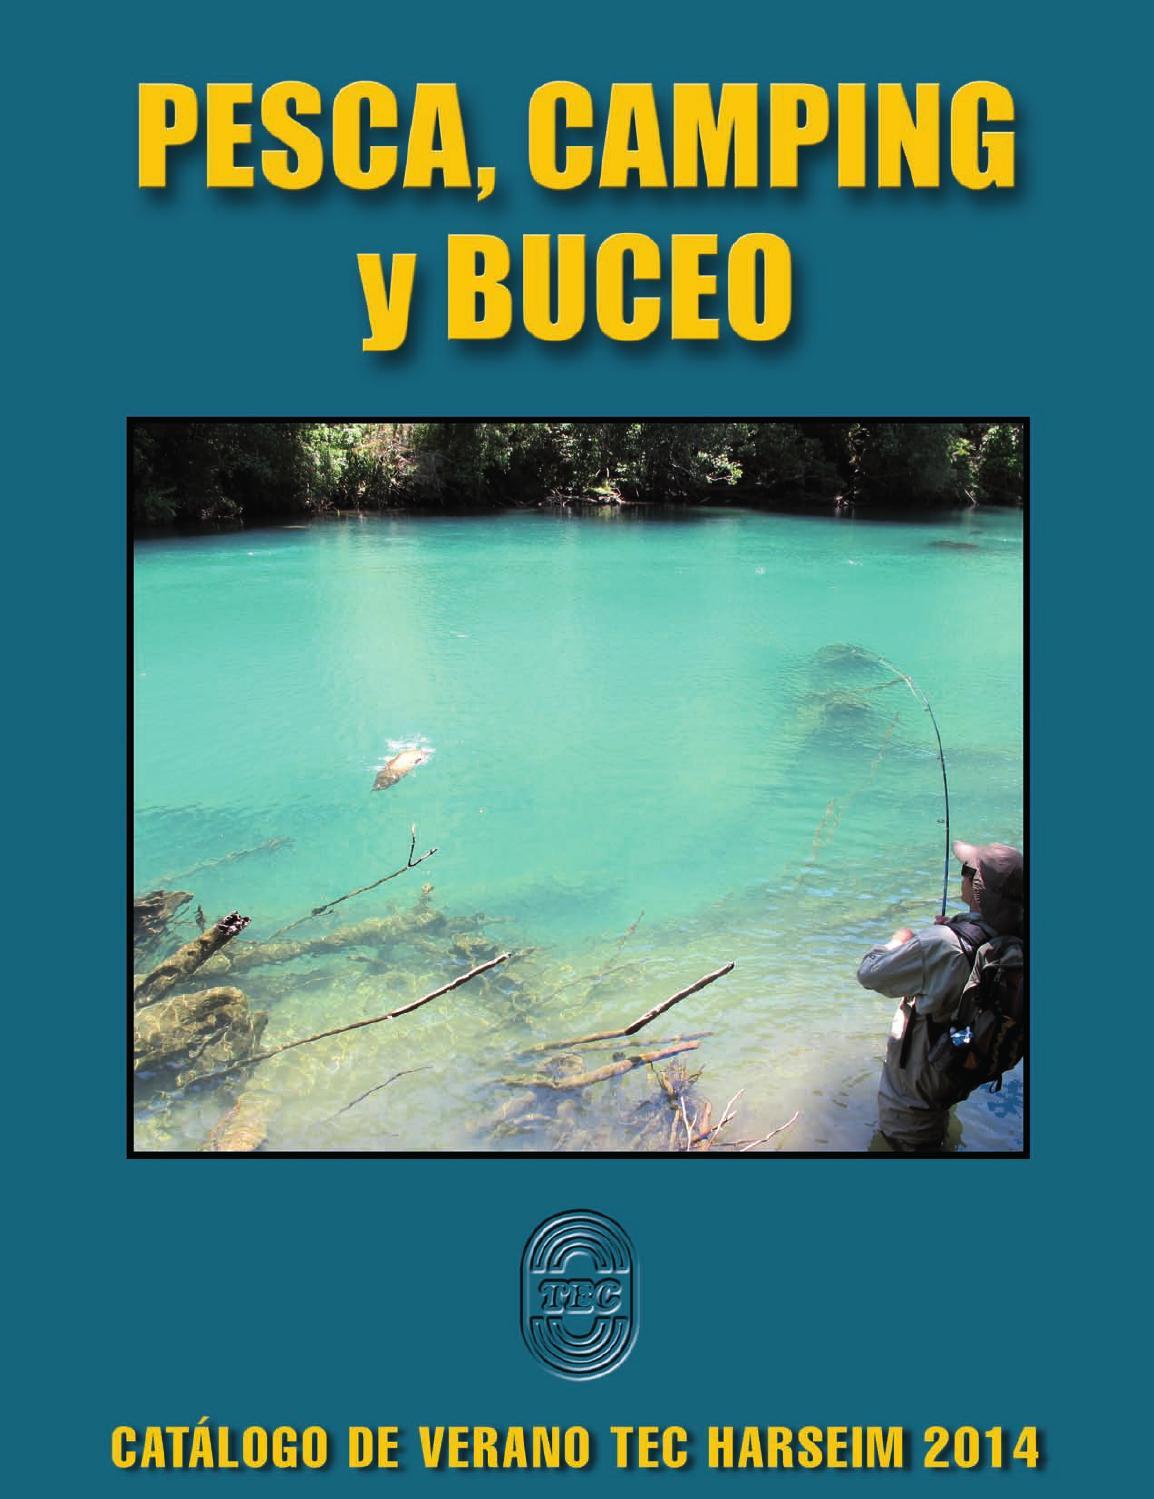 Pesca, Camping y Buceo - Catálogo 2014 by TEC Harseim Ltda. - - issuu